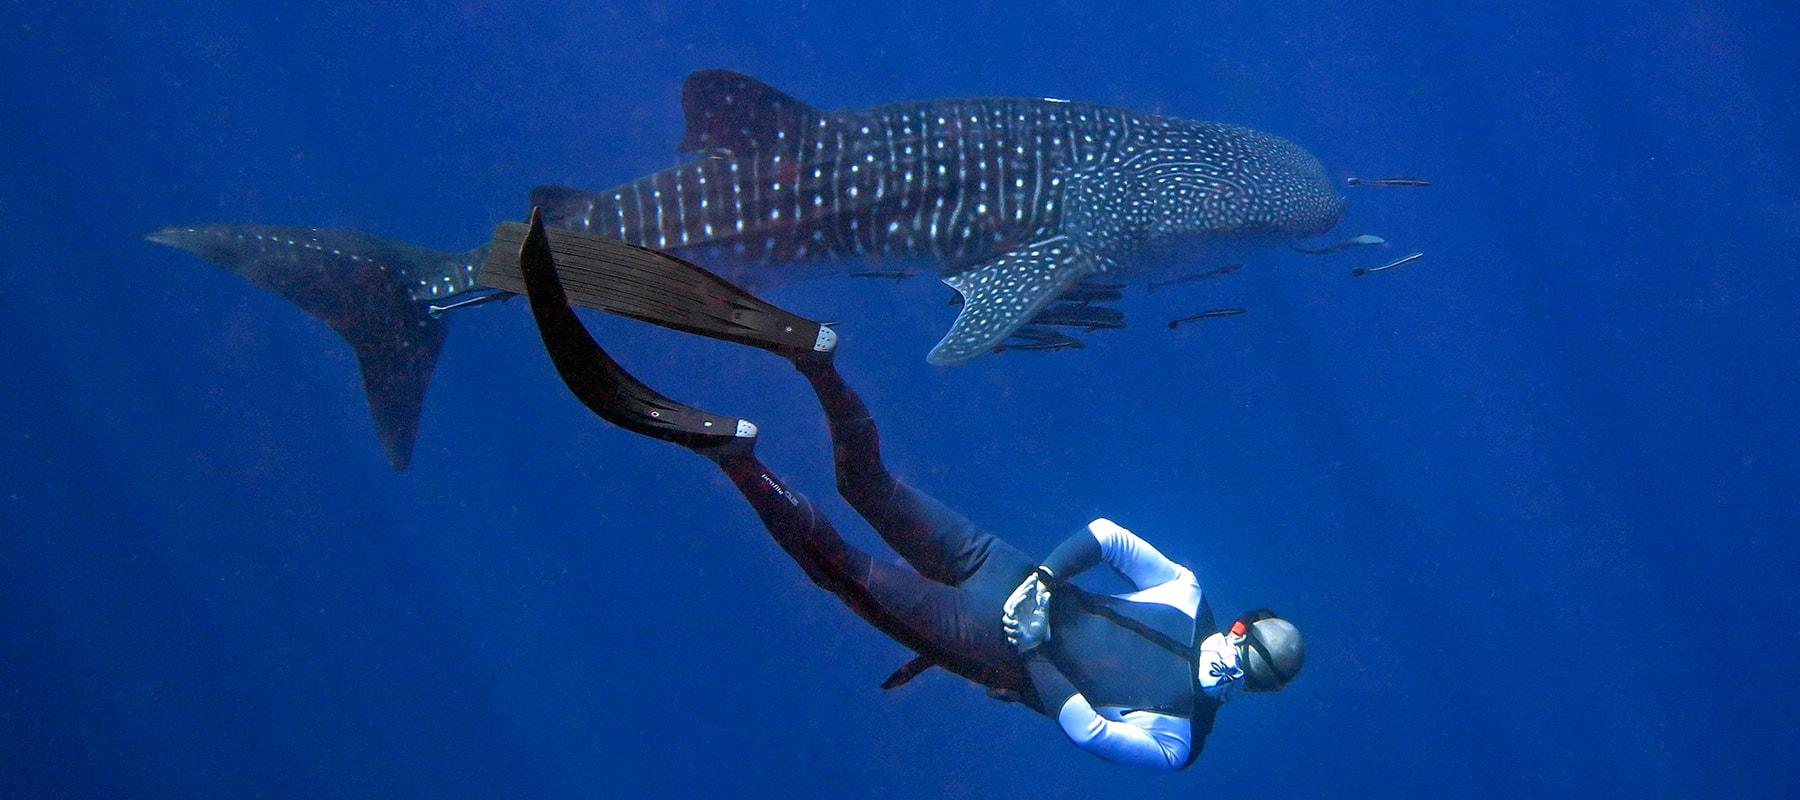 freediver-05